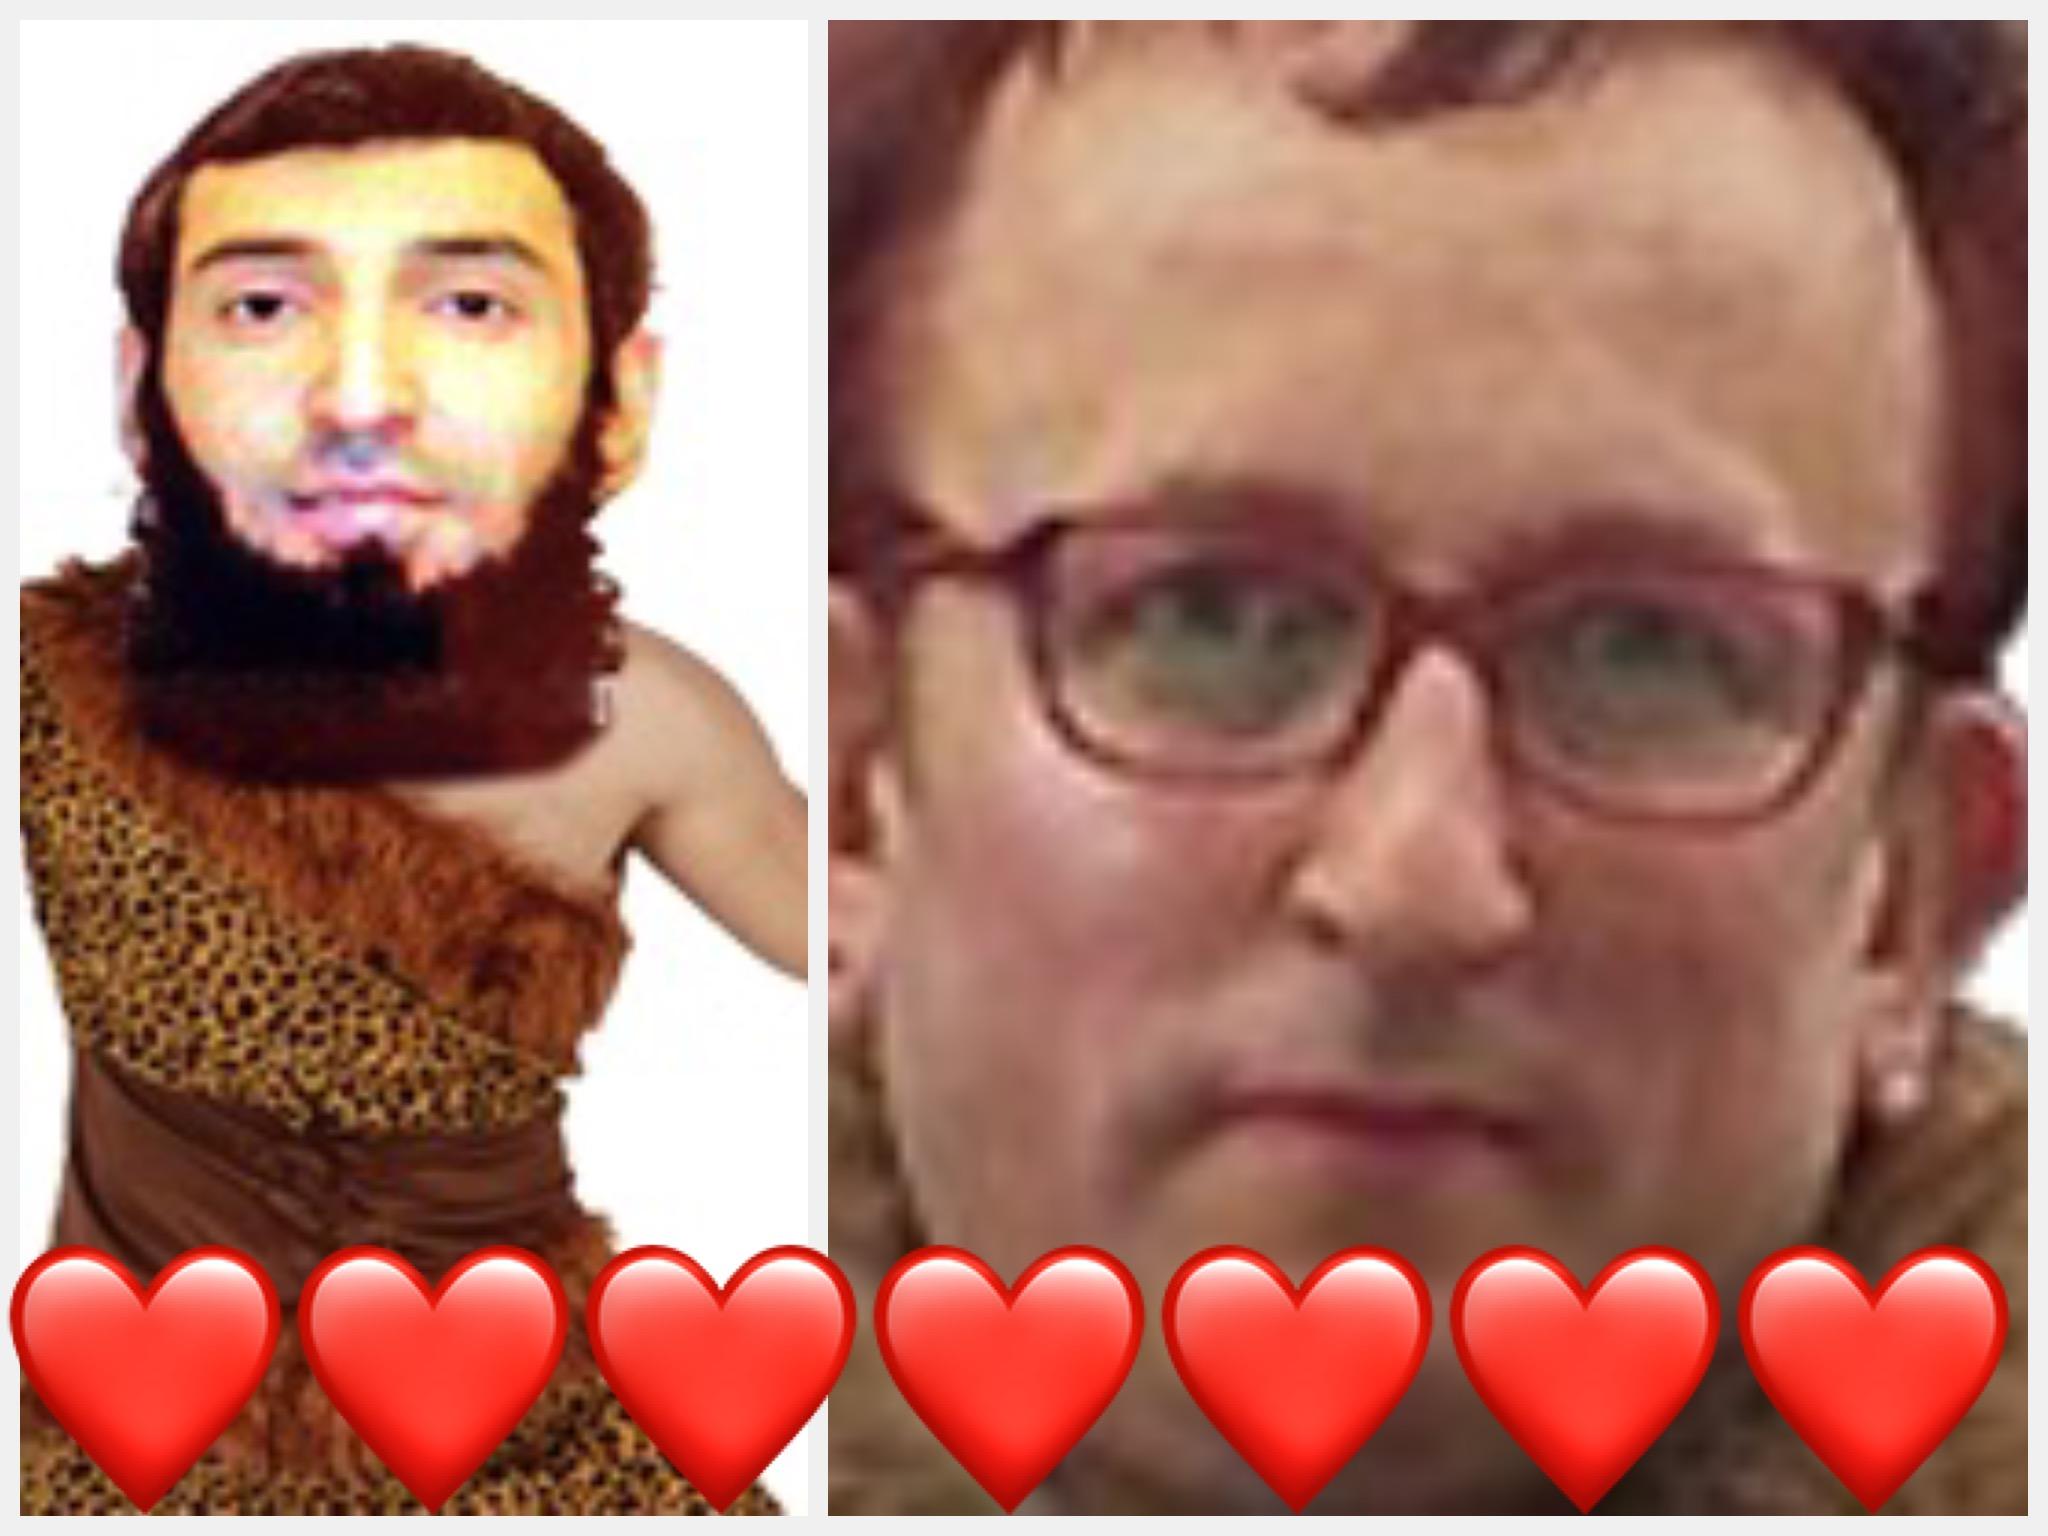 Sticker gauchiste islamiste collabo cuck terroriste e bobo gaucho daesh arabe amour love coeur attentat